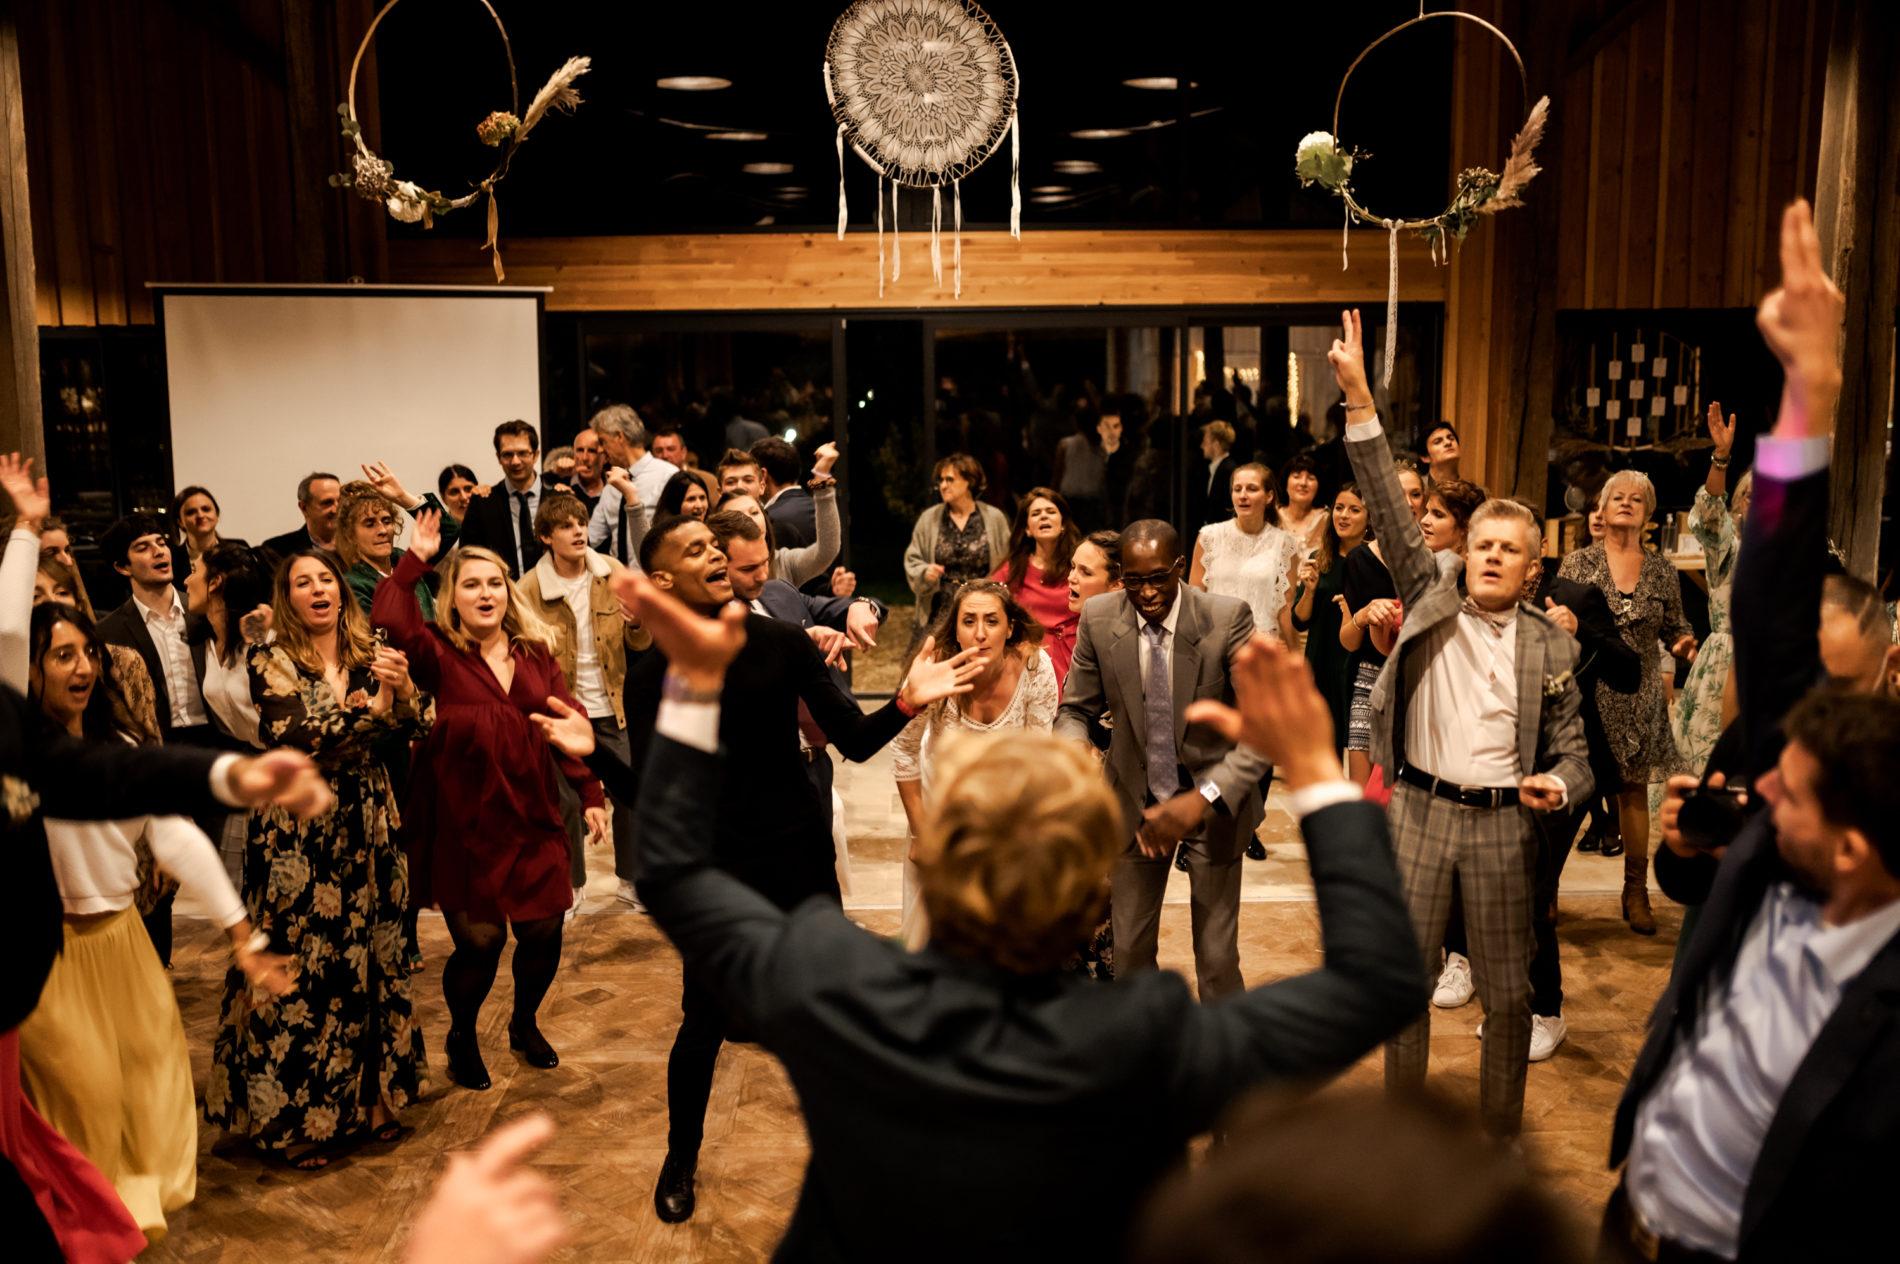 Piste de danse mariage au clos des charmes